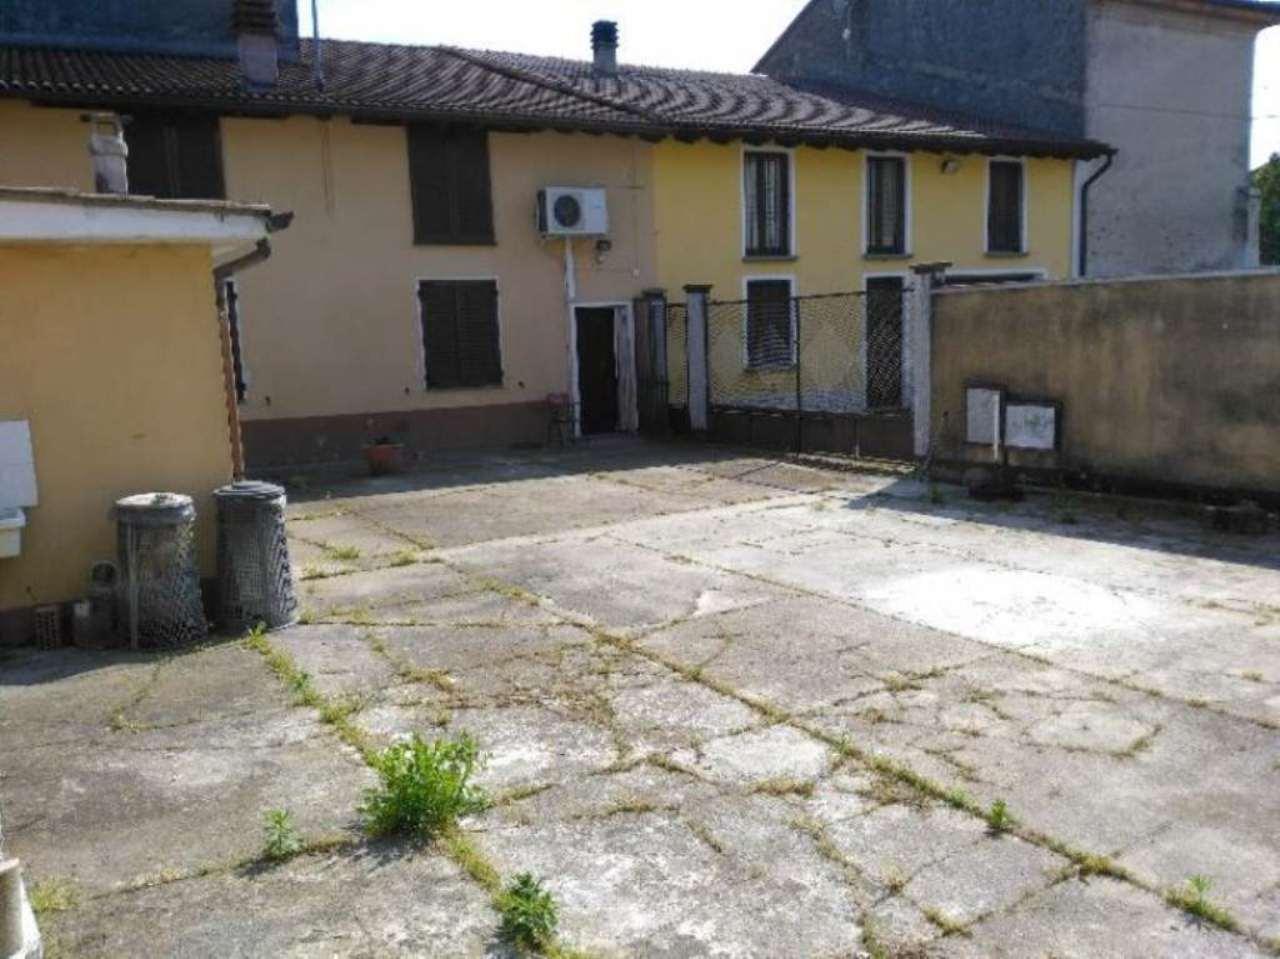 Soluzione Indipendente in vendita a Grontardo, 5 locali, prezzo € 89.000 | Cambio Casa.it